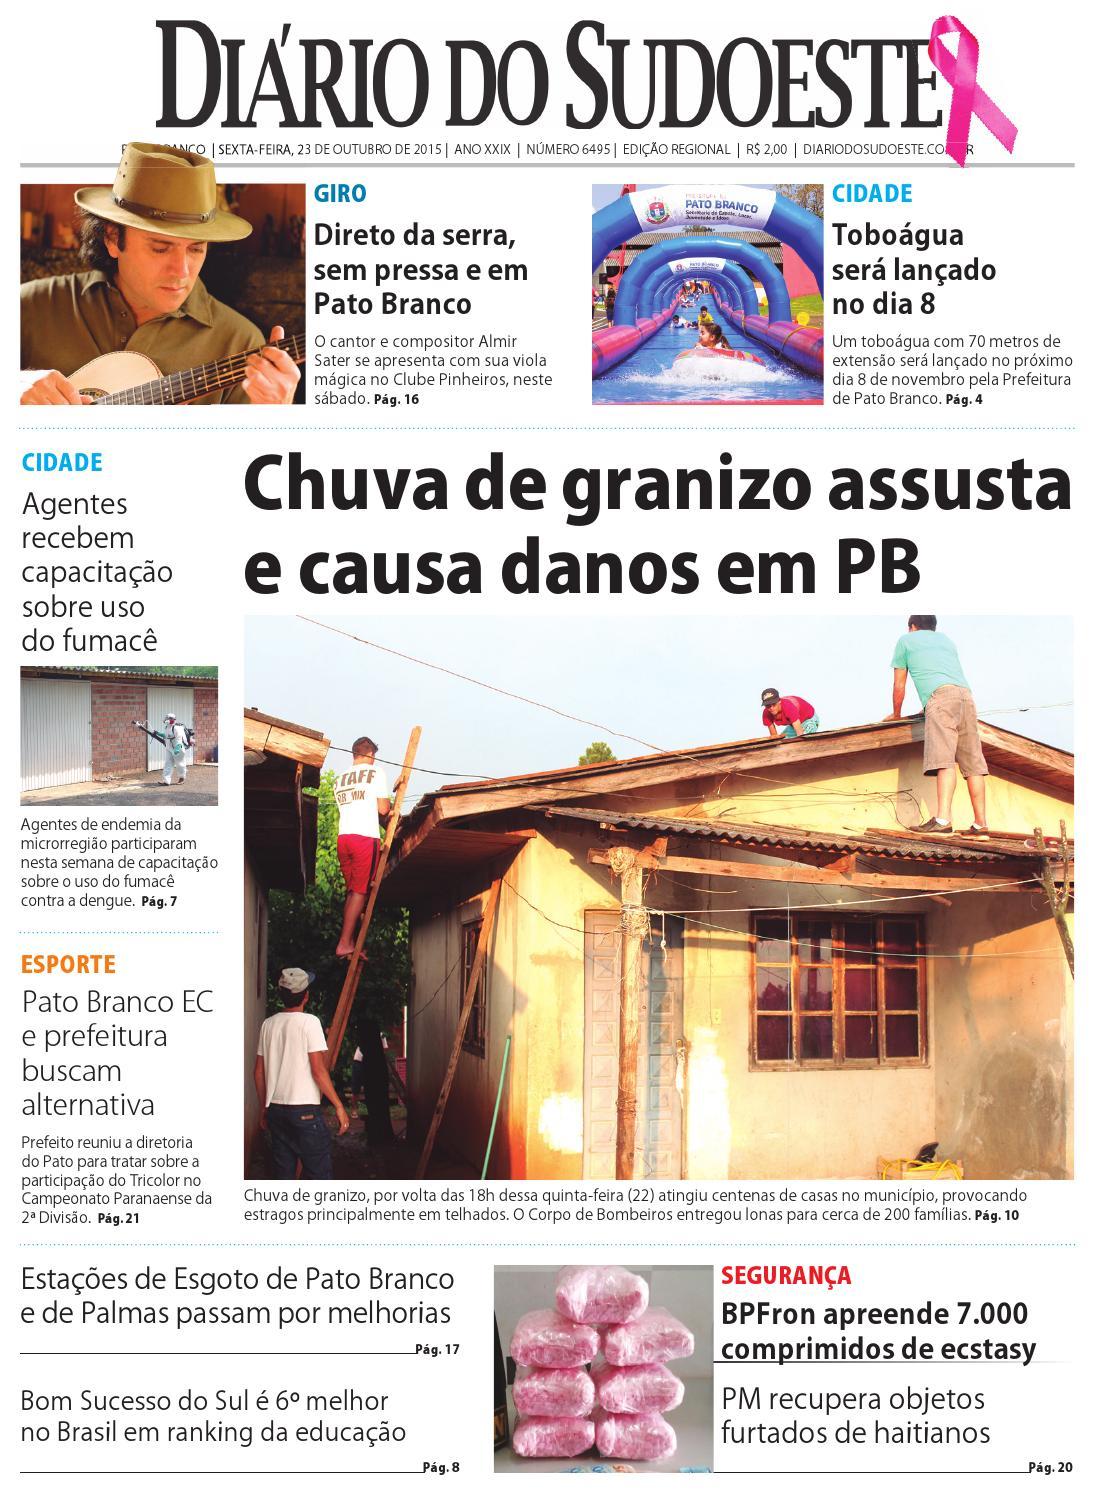 Diário do sudoeste 24 de outubro de 2015 ed 6495 by Diário do Sudoeste -  issuu 0644251f5ec